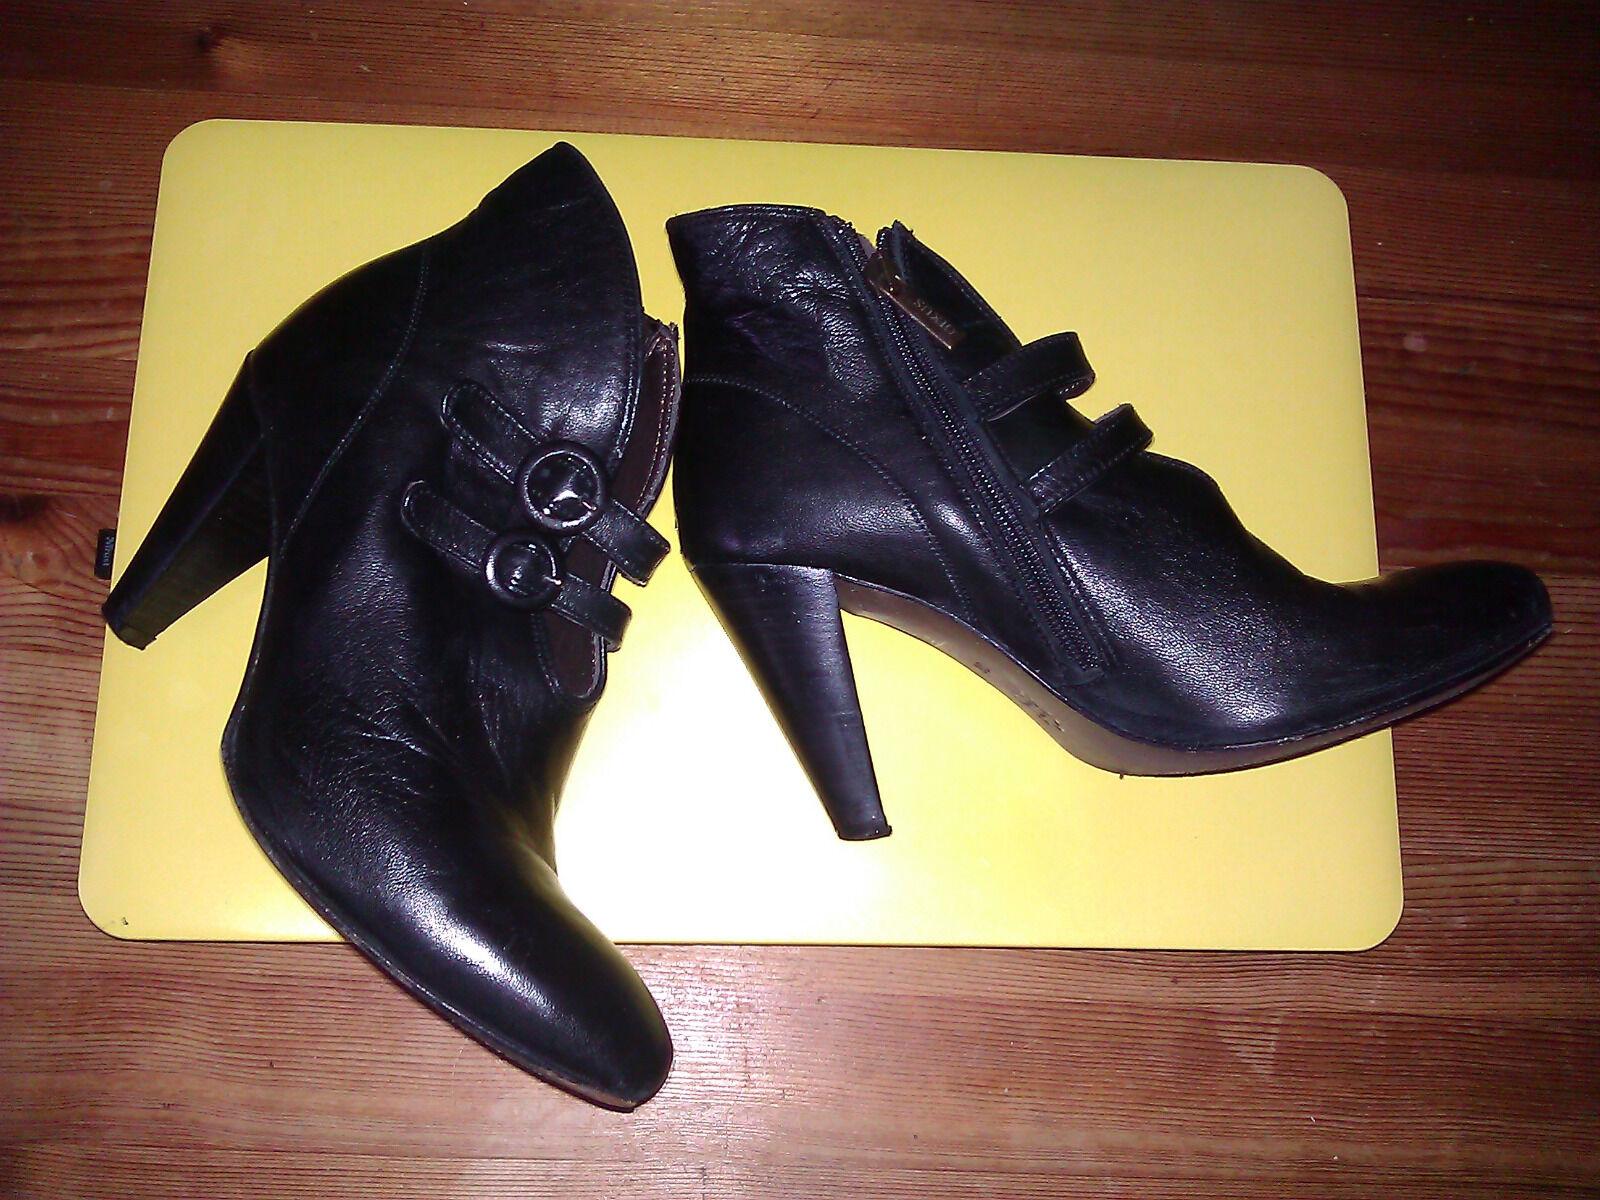 Damen Stifelette echtes Leder von SACHA schwarz gr 36 Top Zustand